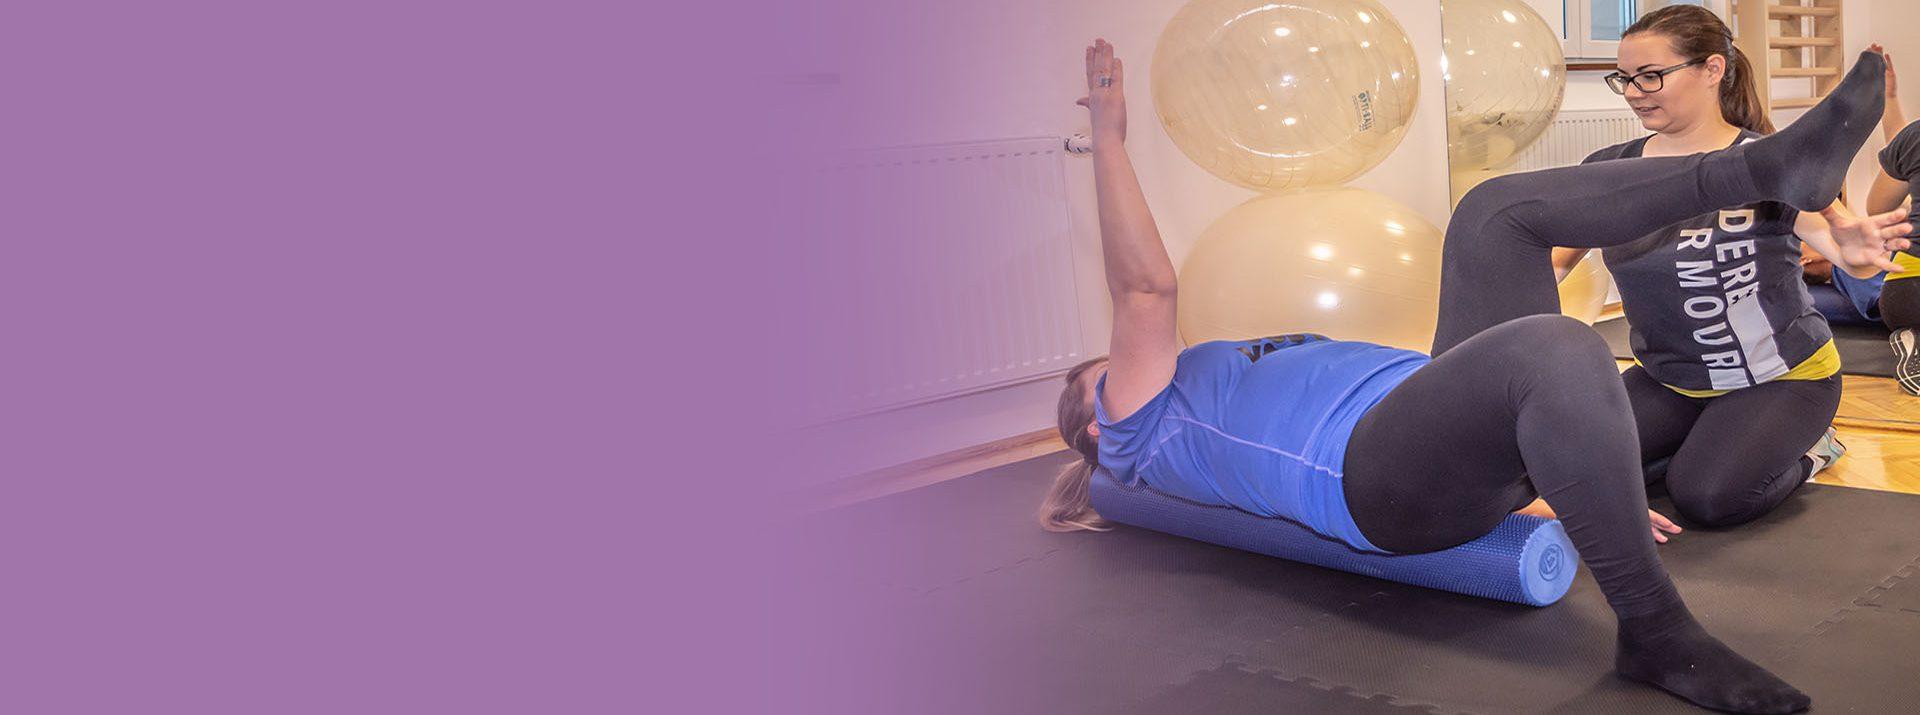 Válassza az egészséges, mozgásban gazda életmódot